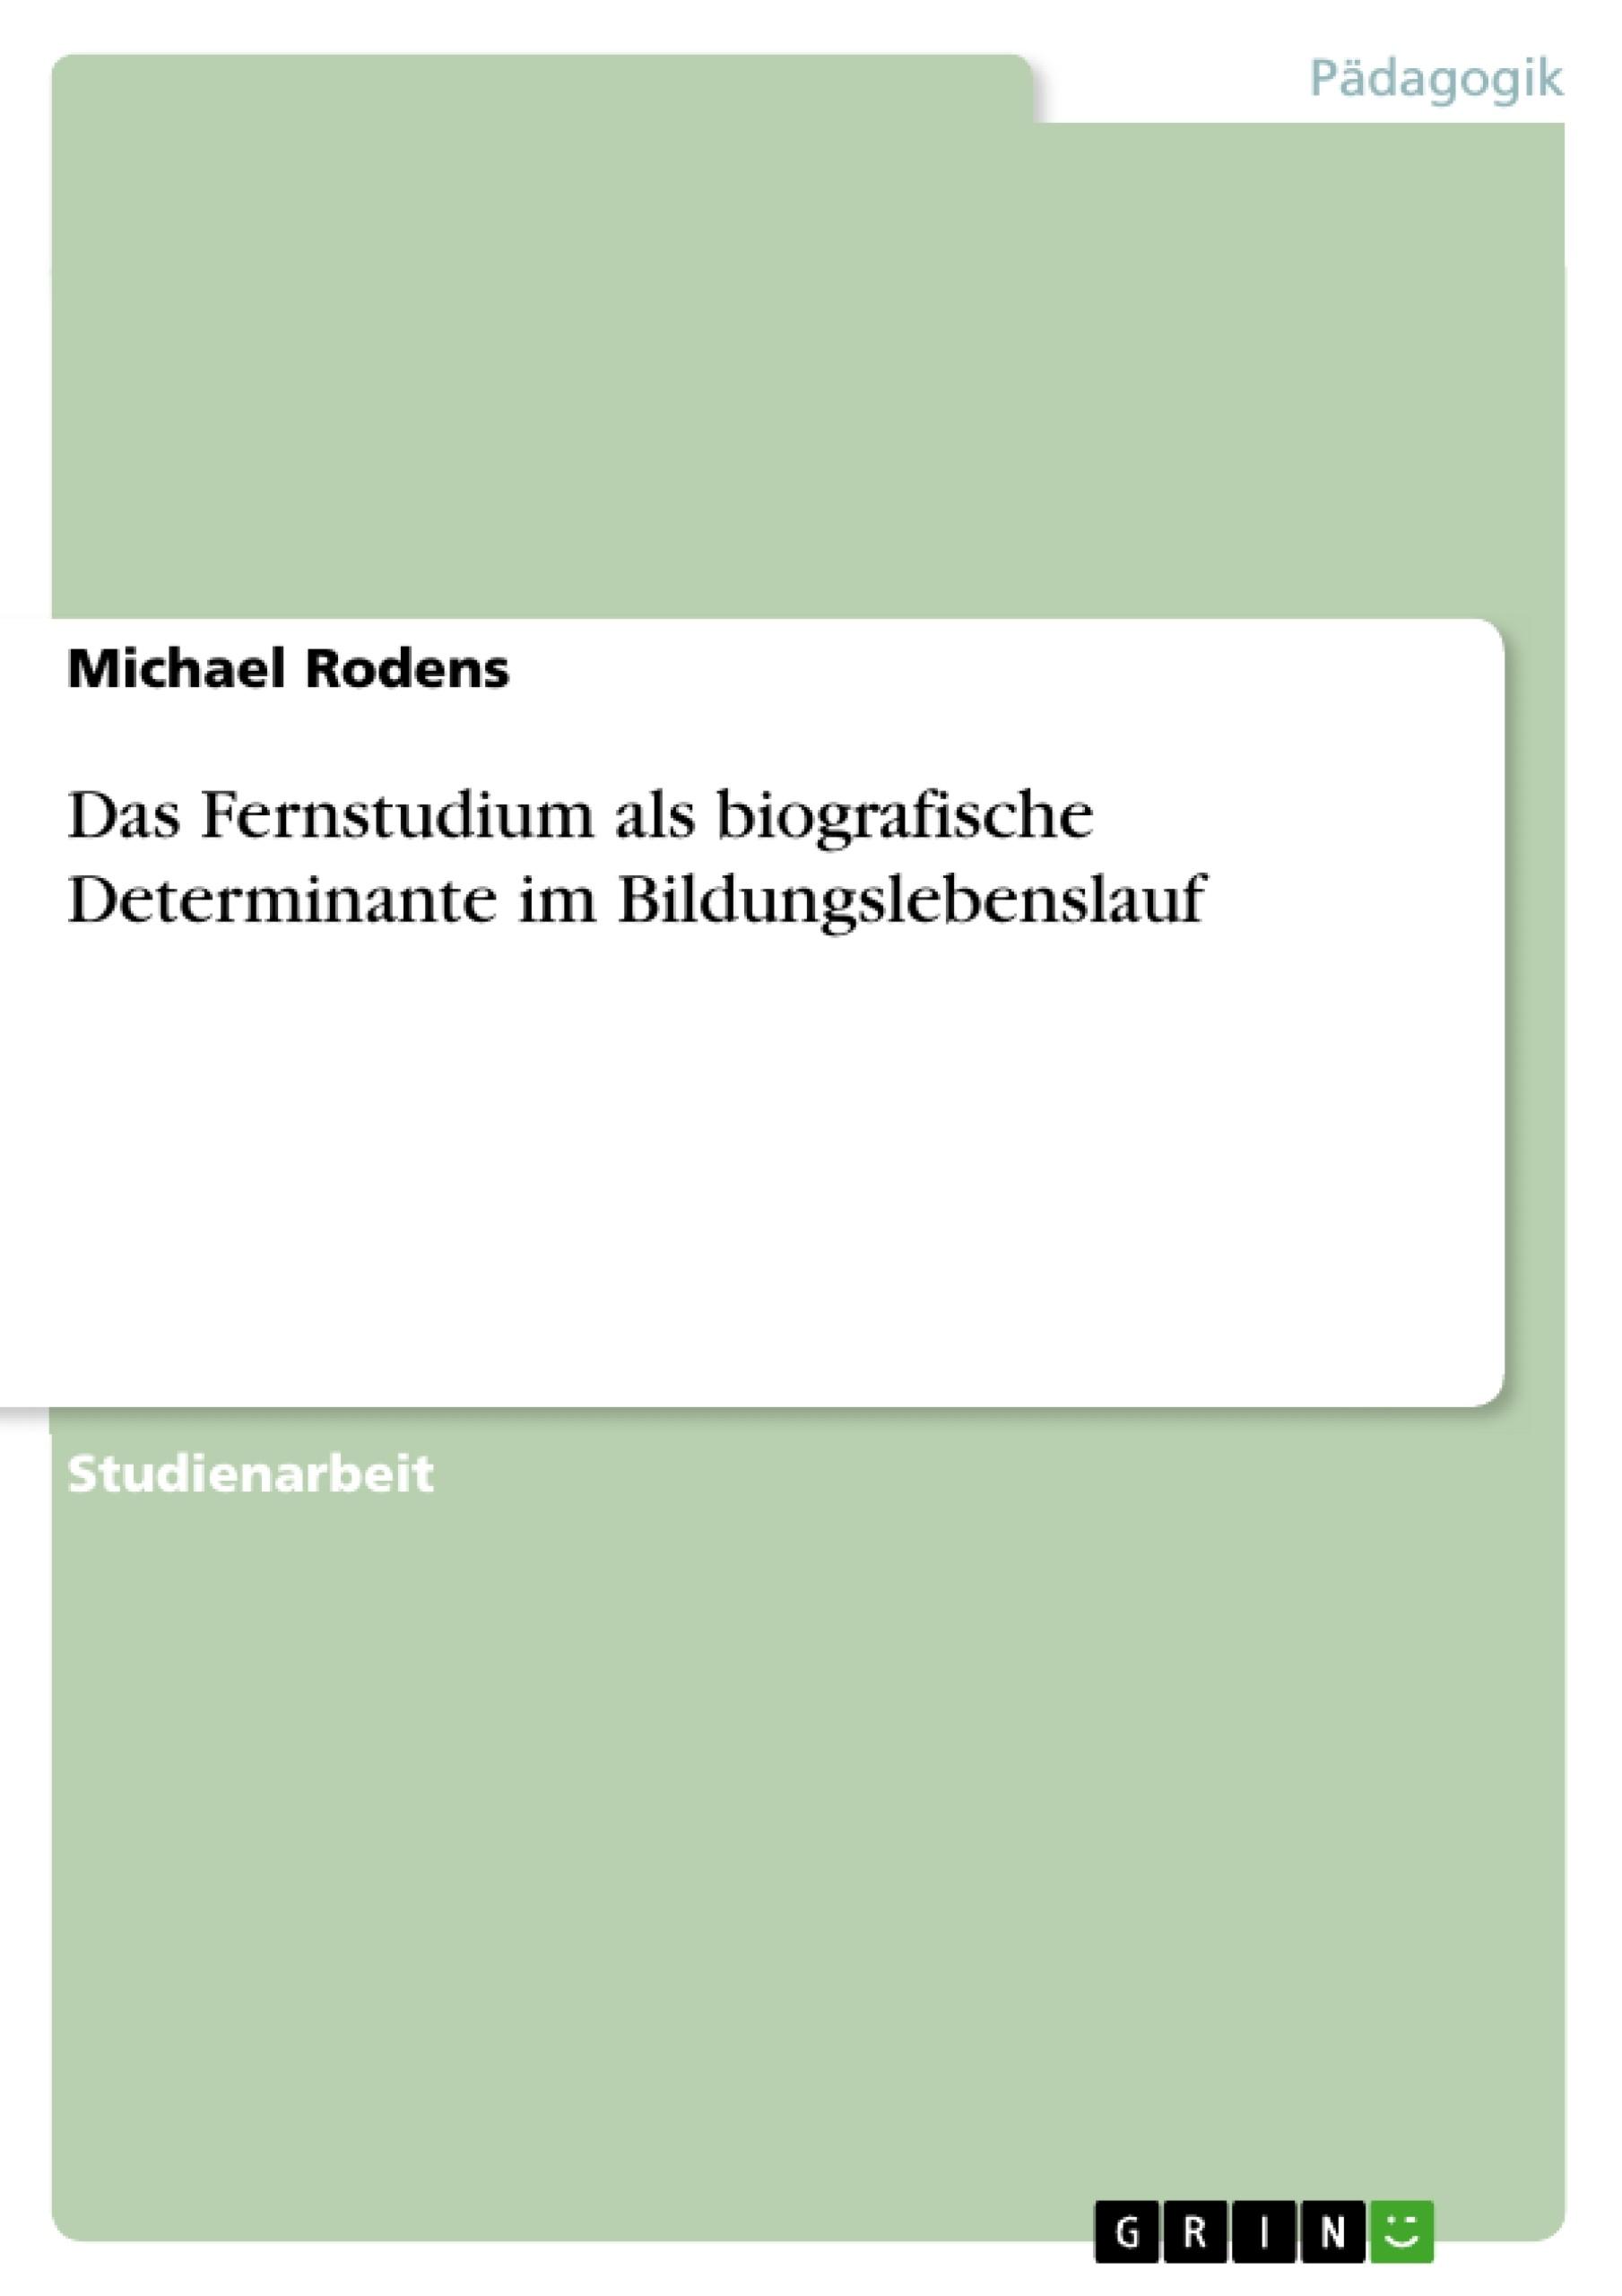 Titel: Das Fernstudium als biografische Determinante im Bildungslebenslauf